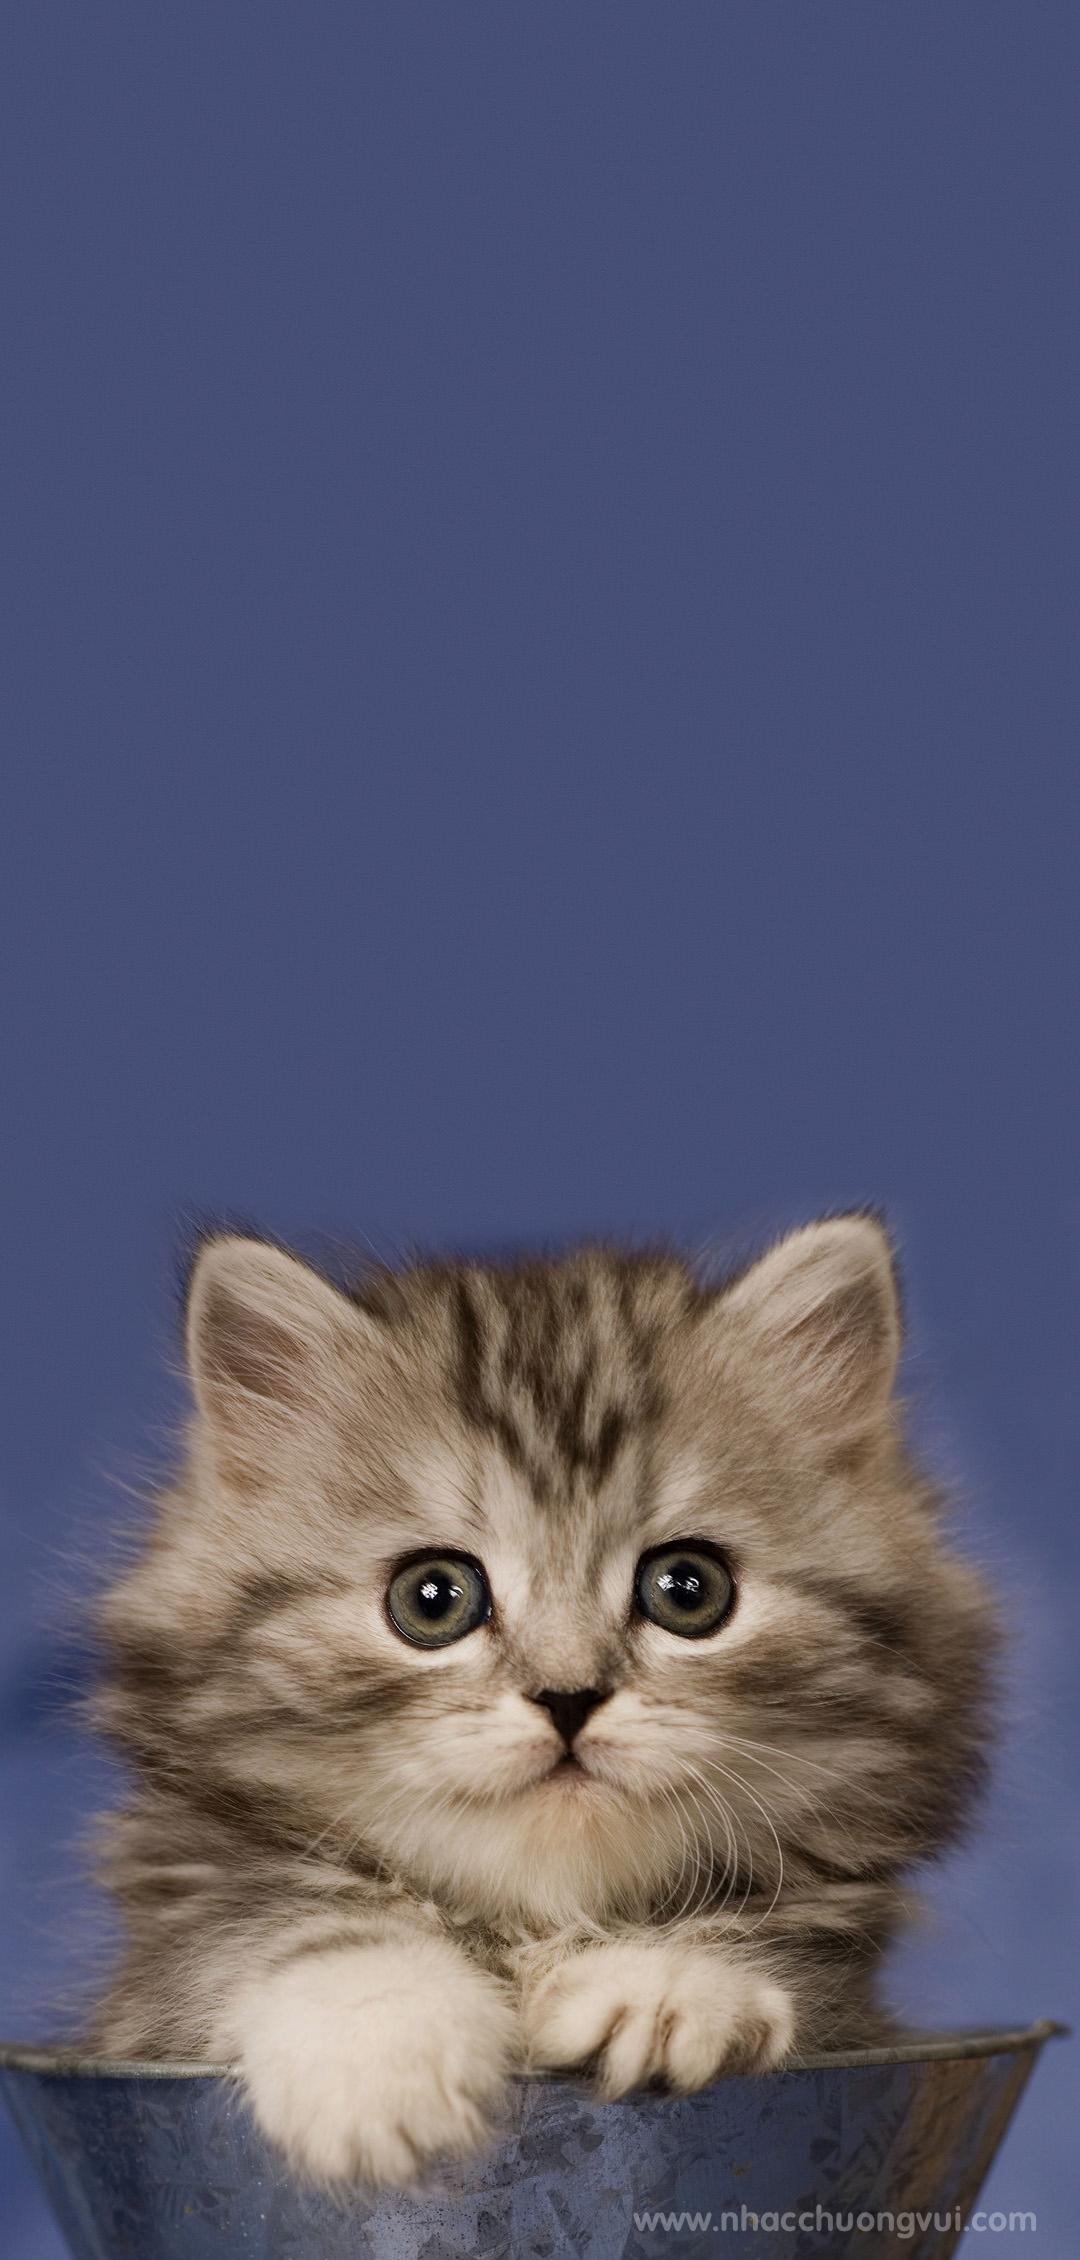 Hình nền mèo cho điện thoại dễ thương nhất 12